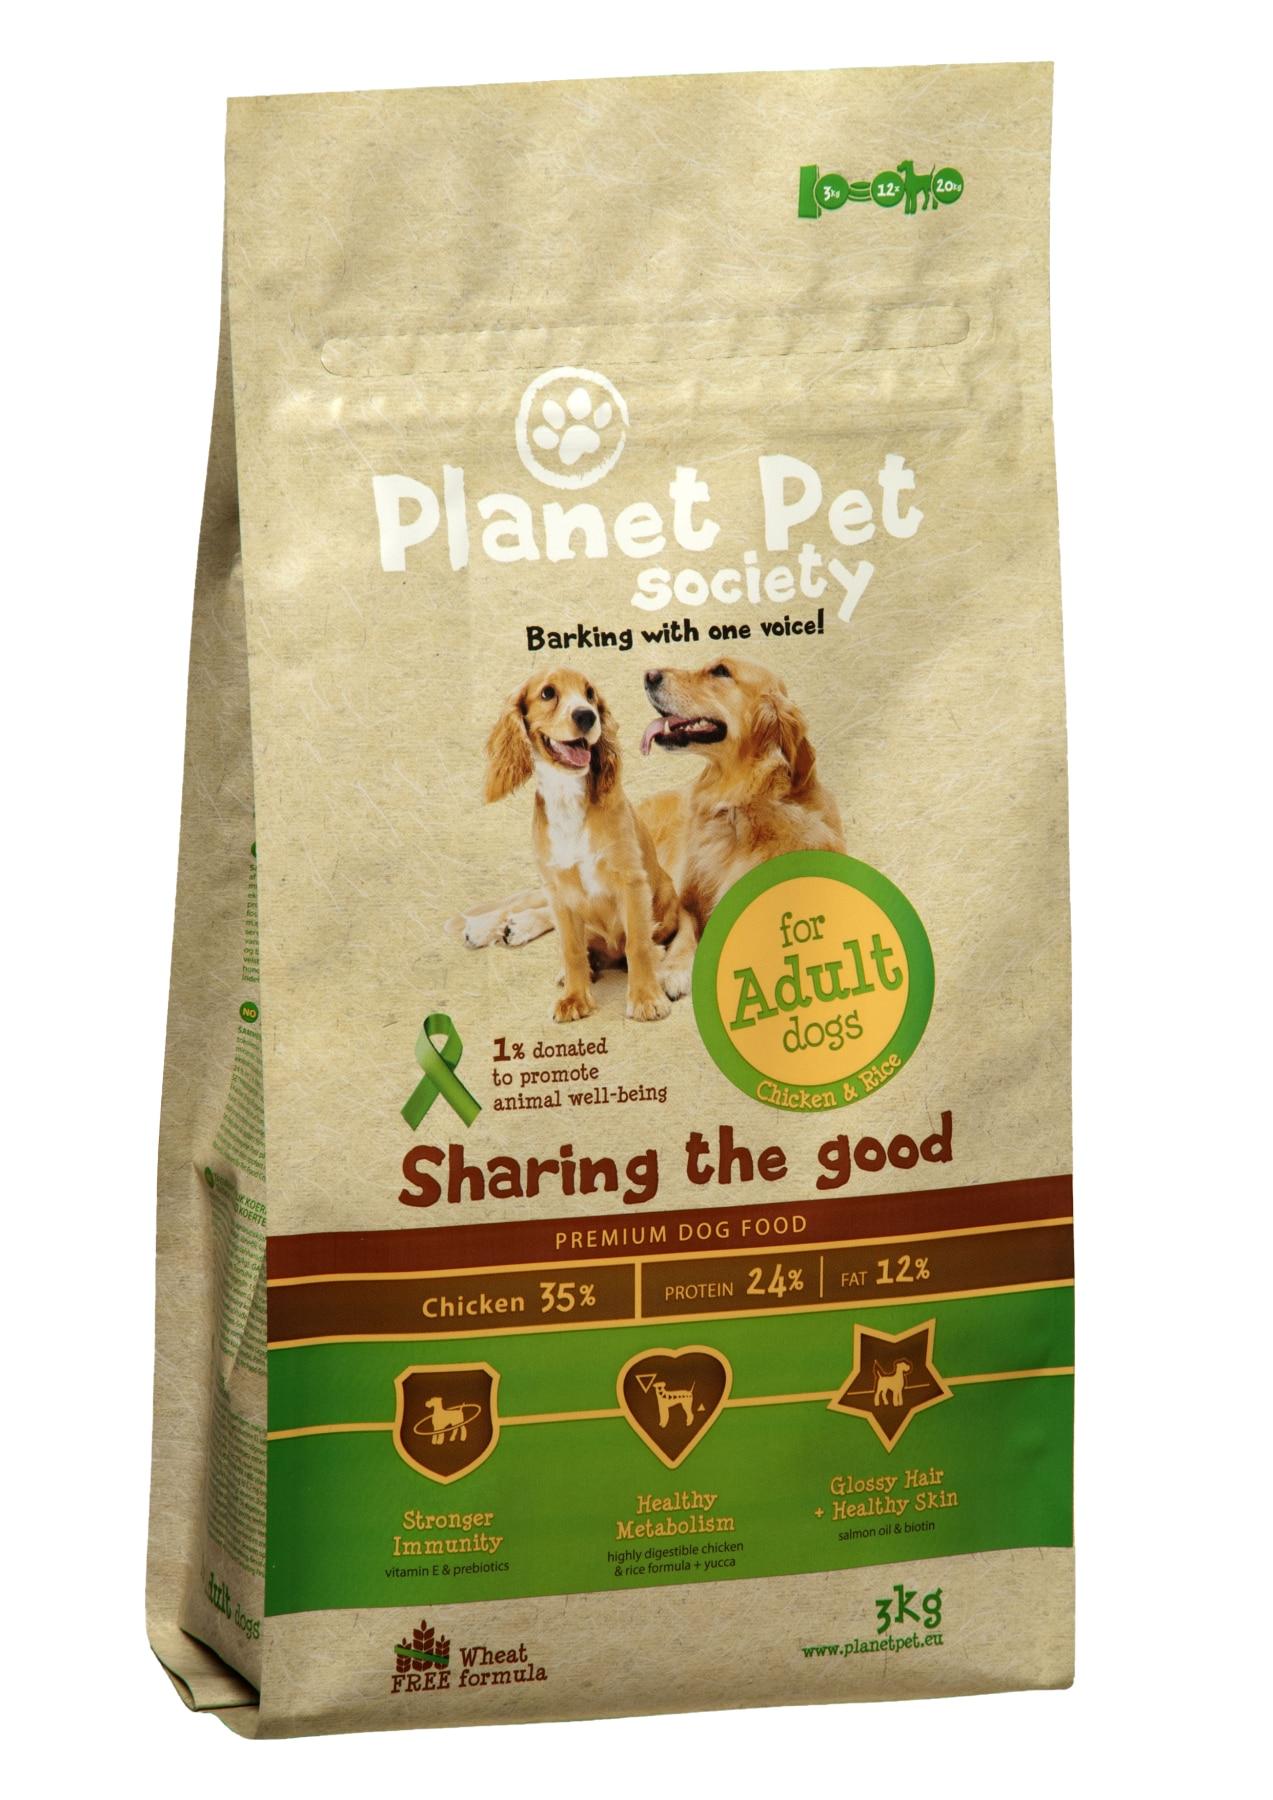 Planet Pet poulet et riz pour chiens adultes pour adultes/chiens poulet/riz-3 kg x PCs